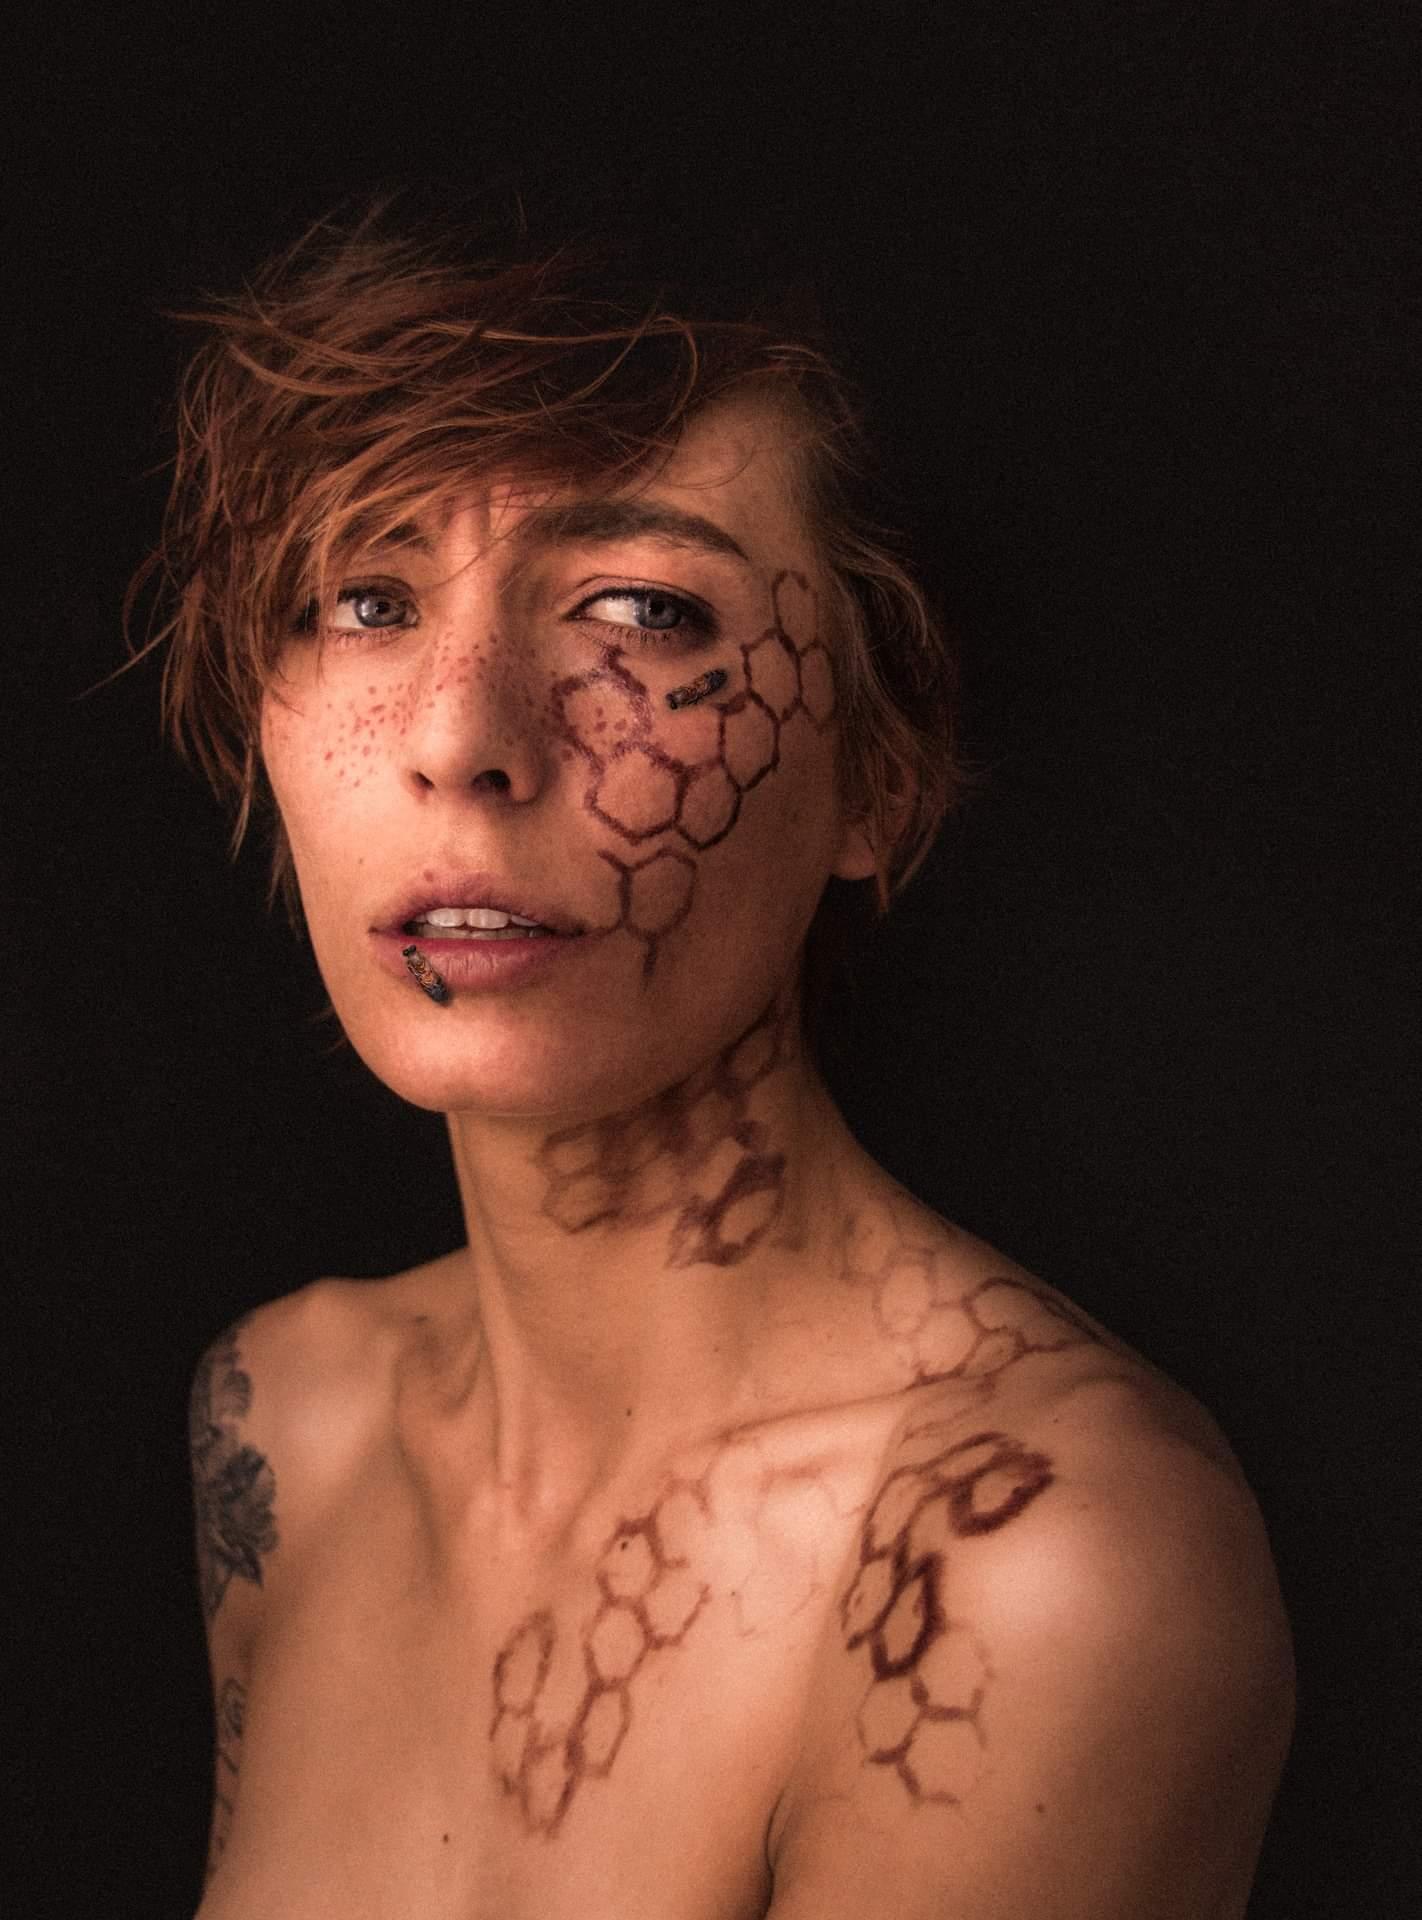 Closeup of woman with hive makeup